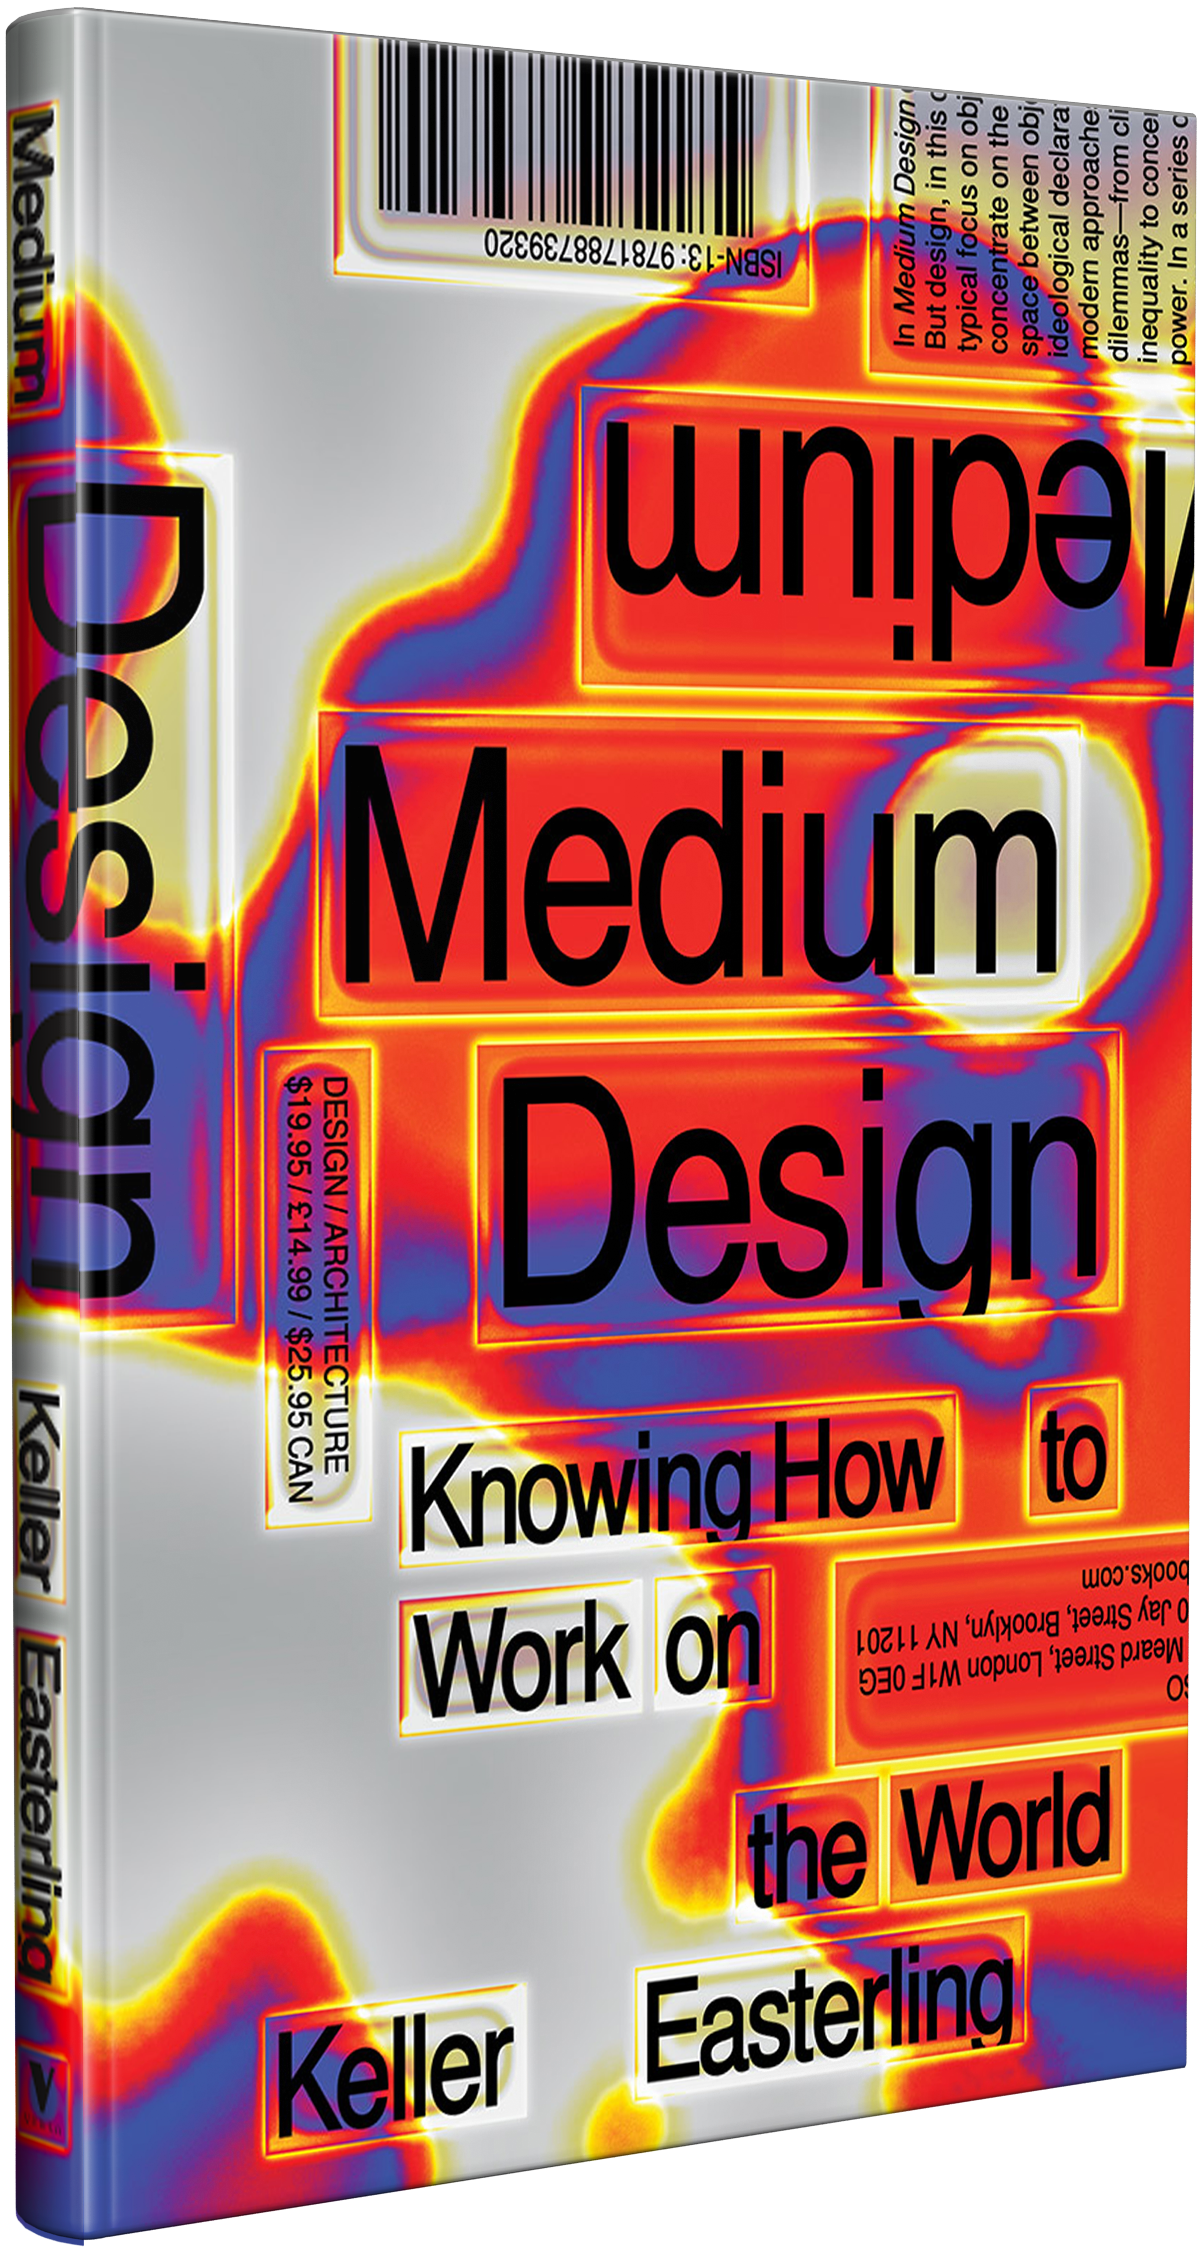 Med_design